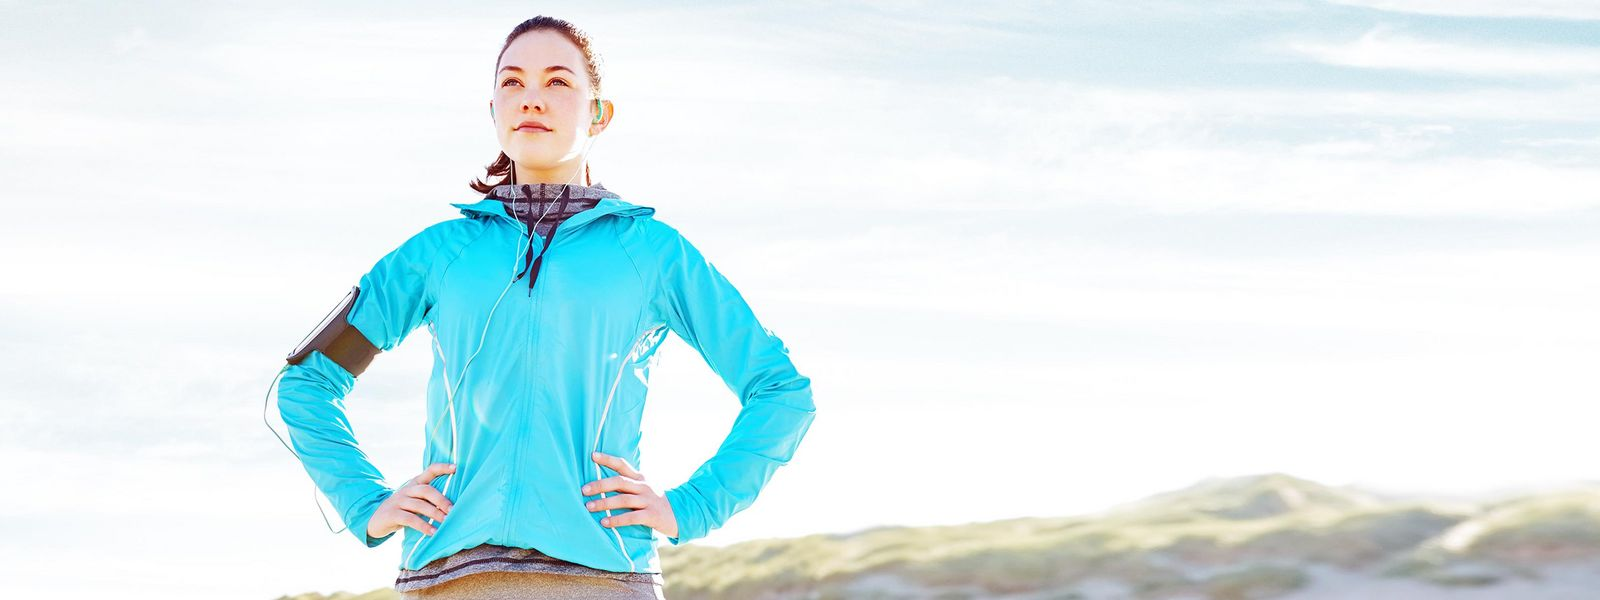 Diät, um Muskelmasse in 3 Monaten zu gewinnen